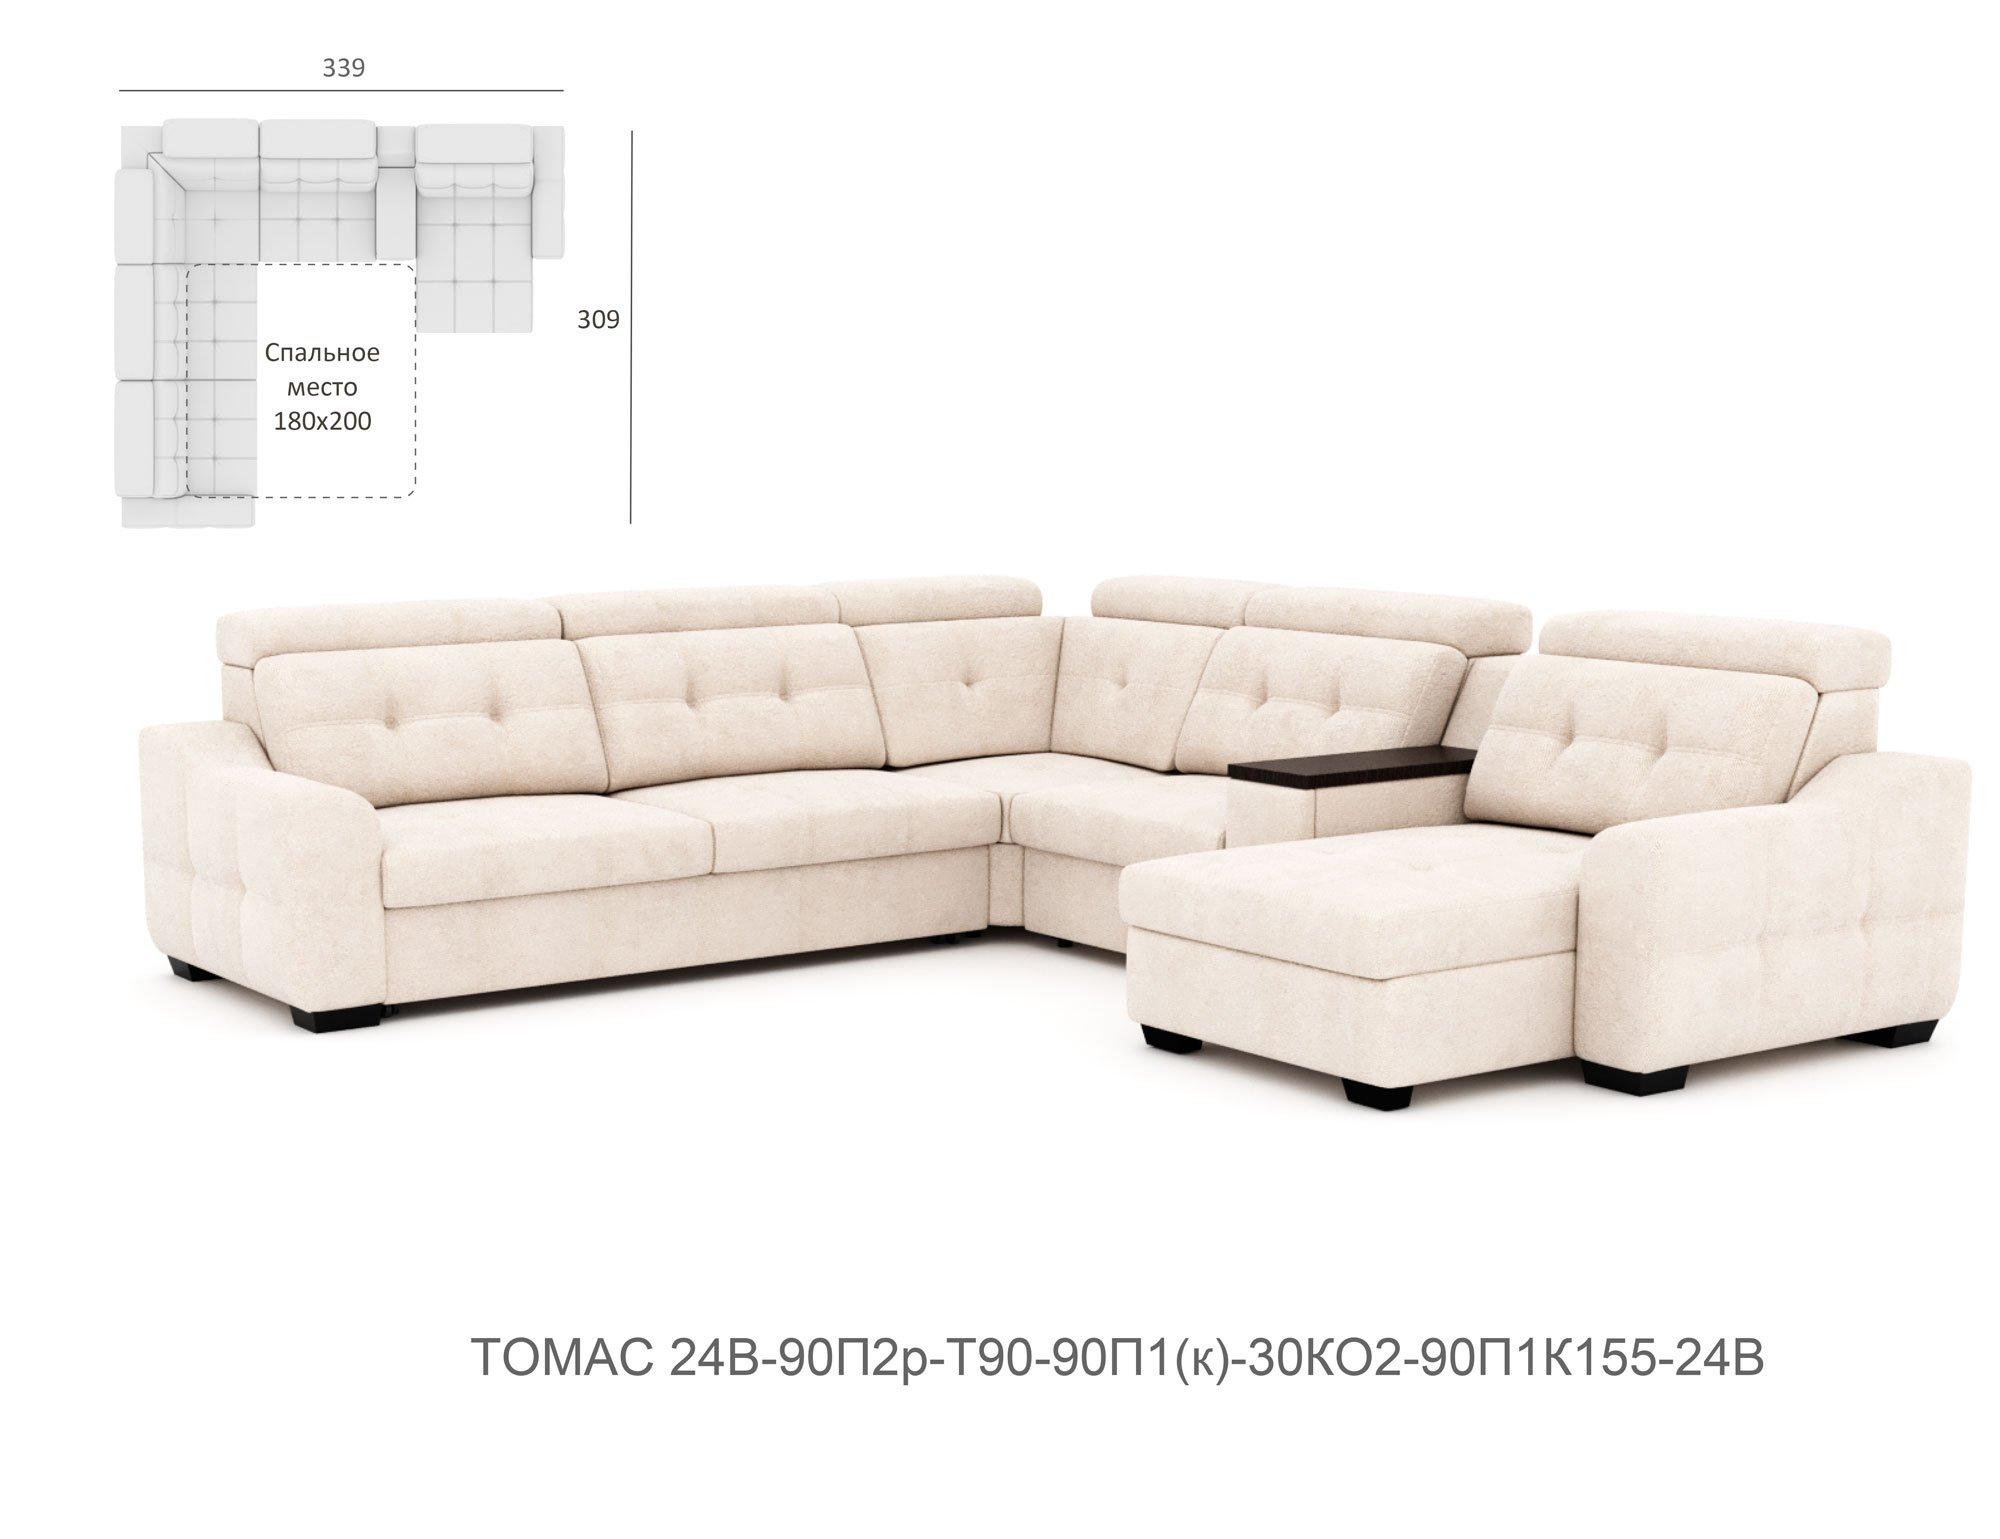 Томас 24В-90П2р-Т90-90П1(к)-30КО2-90П1К155-24В